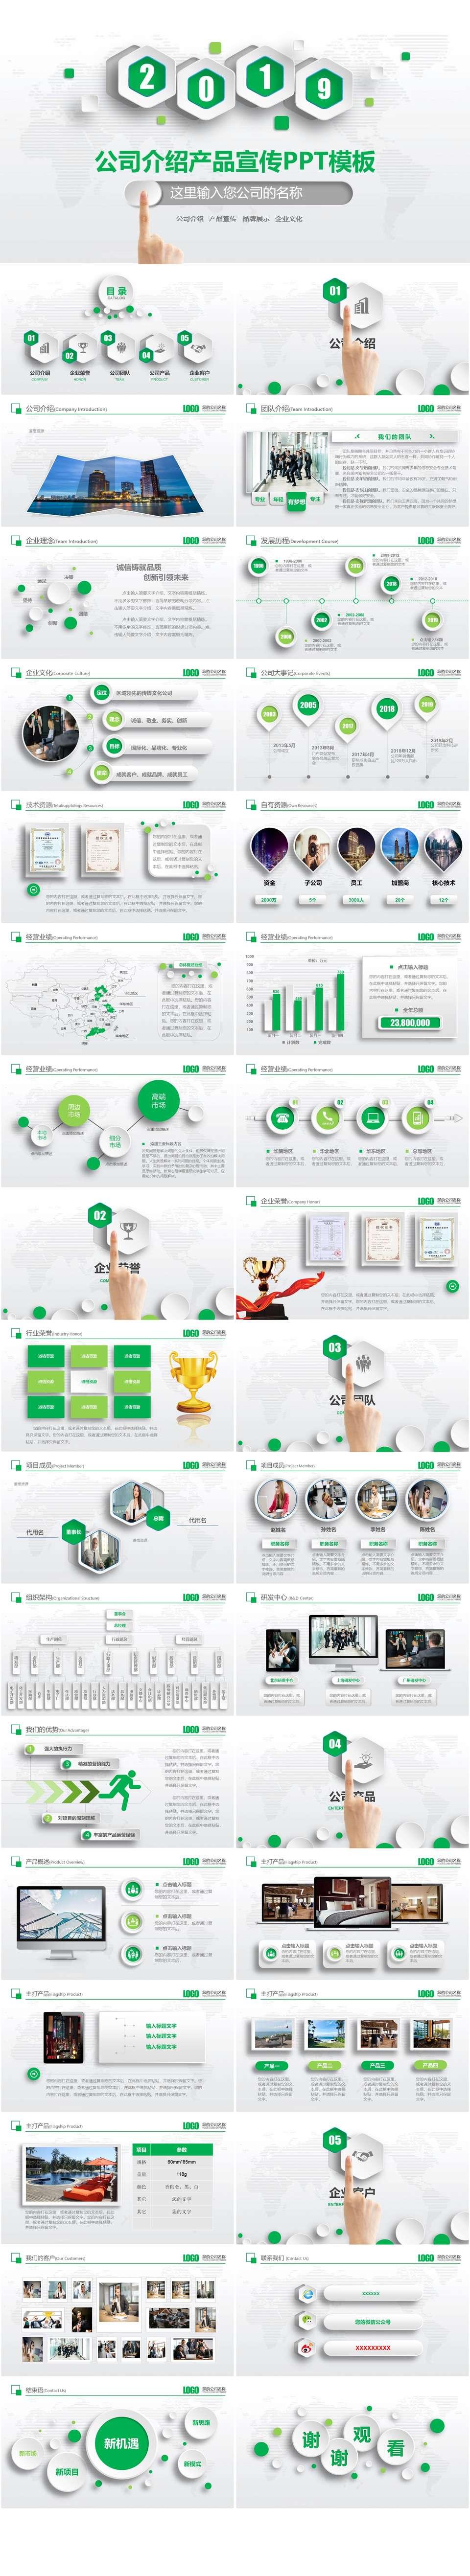 2019年企业产品宣传介绍PPT模板插图1